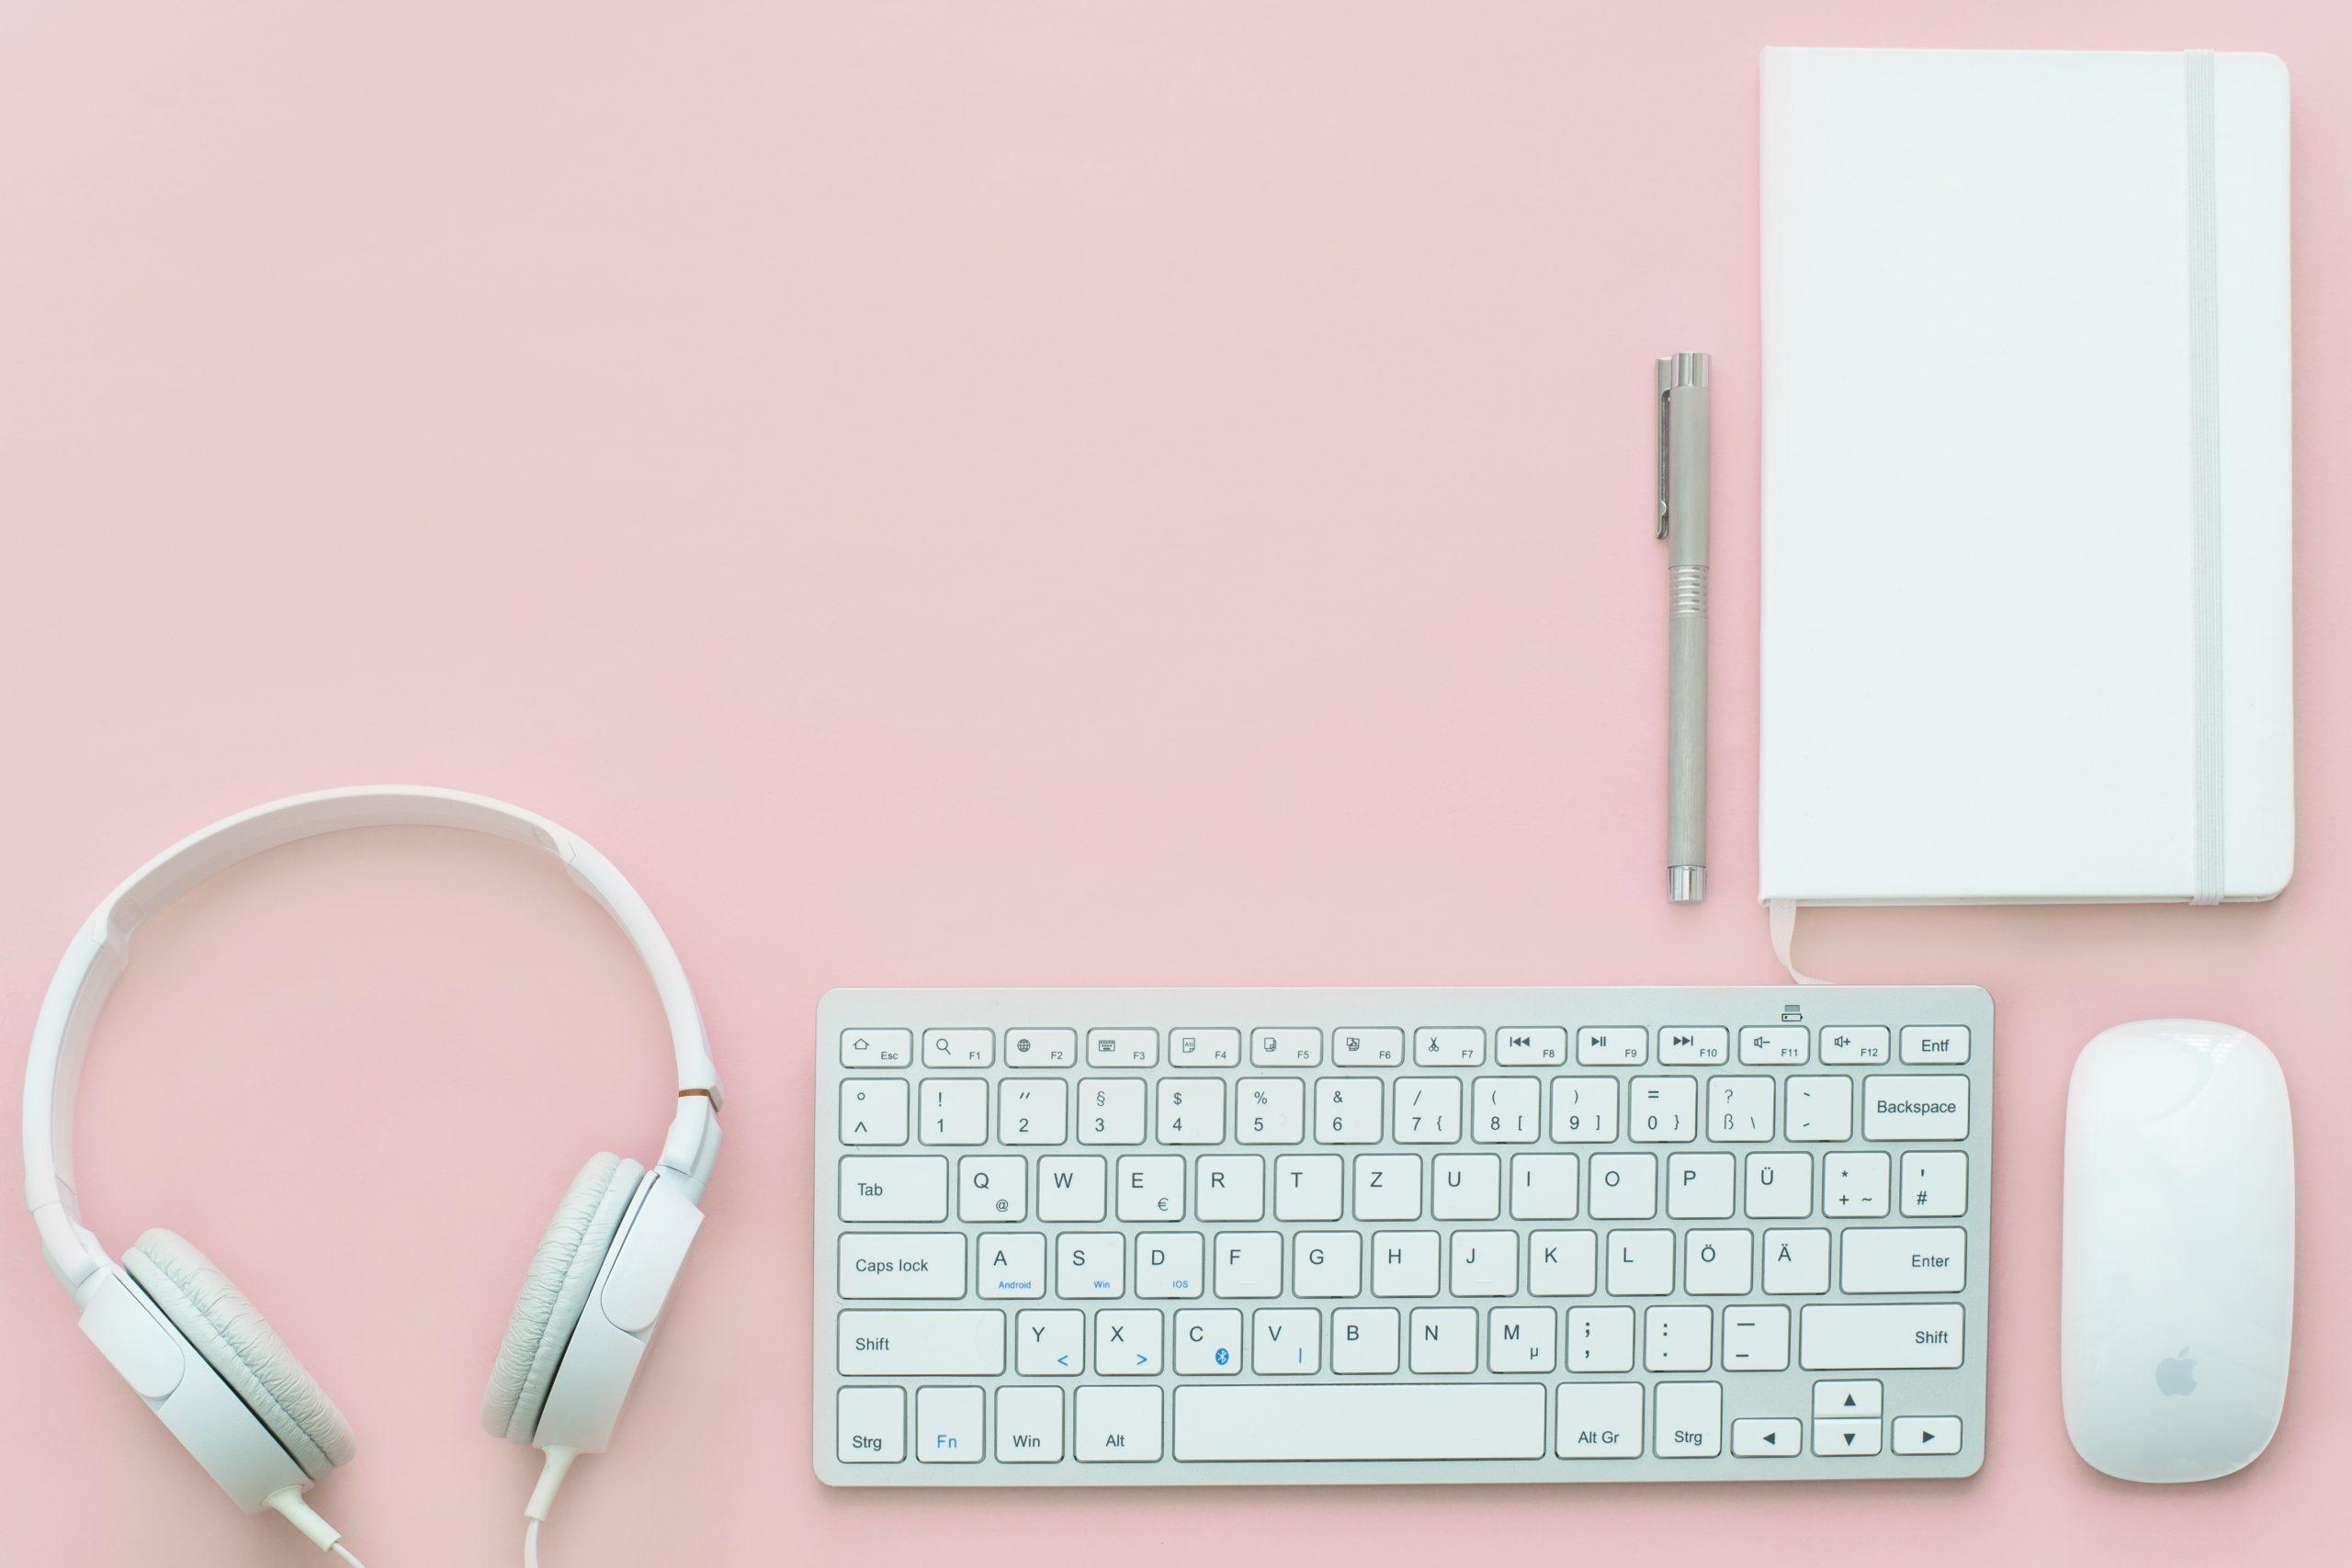 Тефтер, слушалки и клавиатура